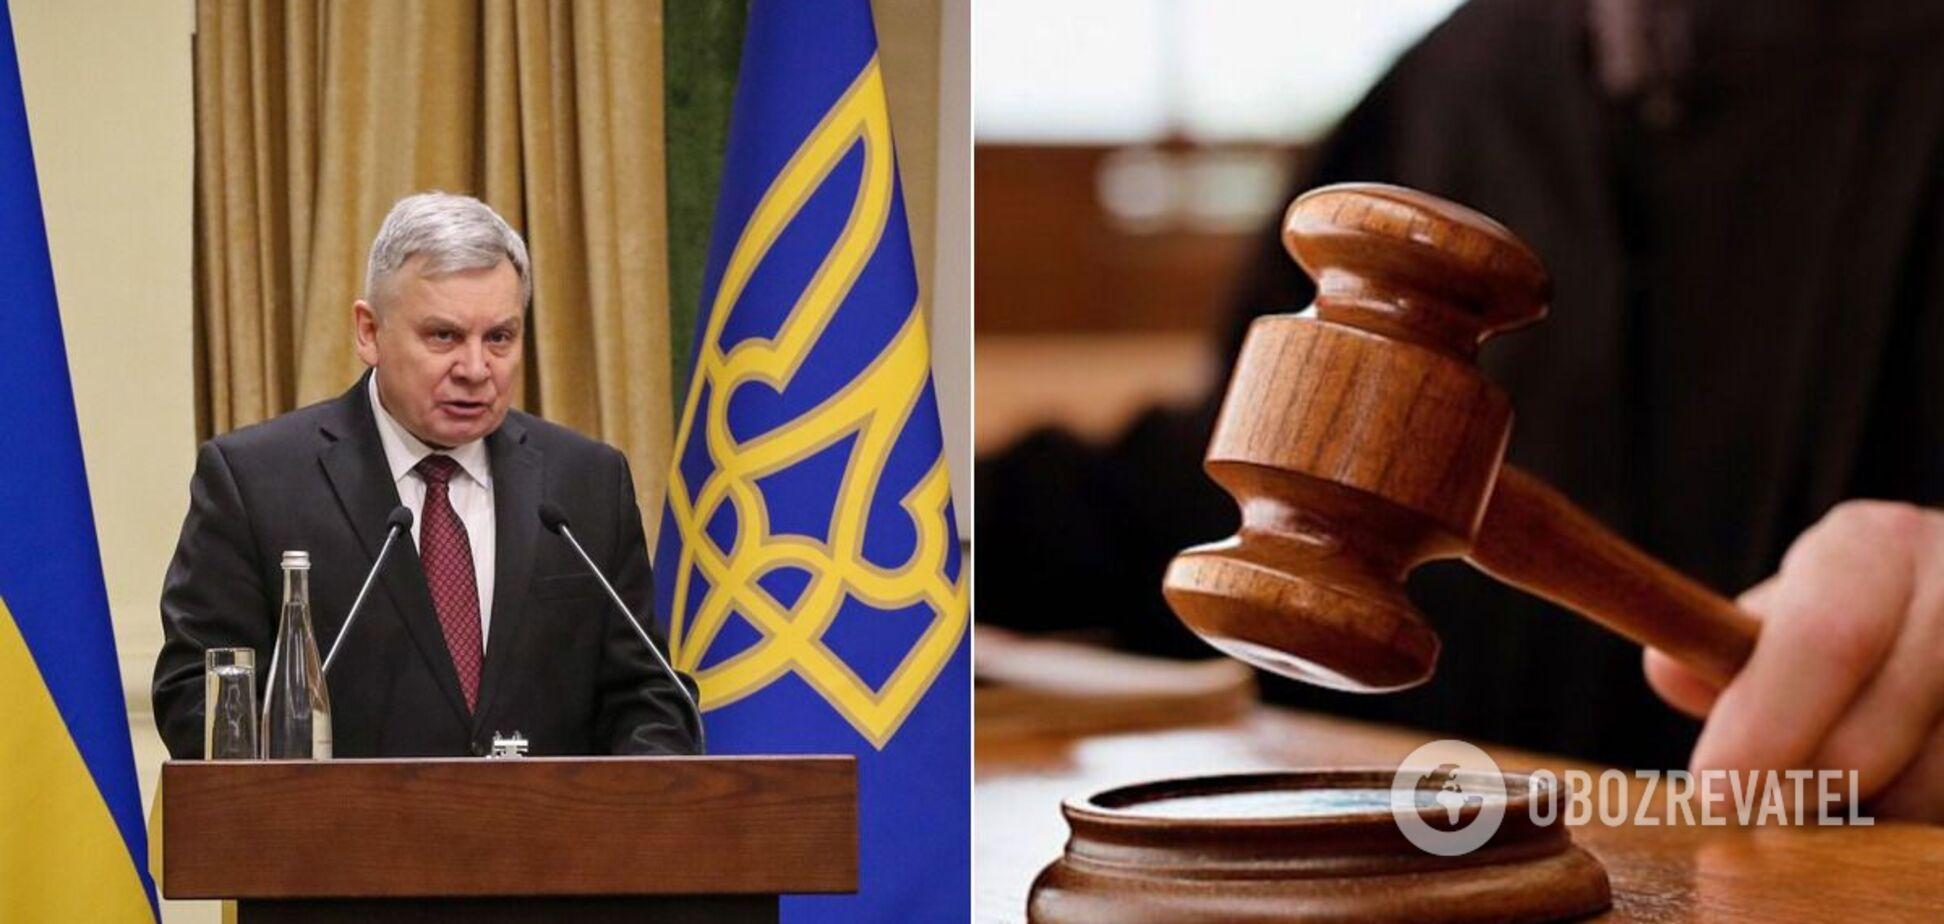 'Припиніть це!' Ірина Верещук висловилась щодо протистояння між керівництвом ЗСУ та МОУ